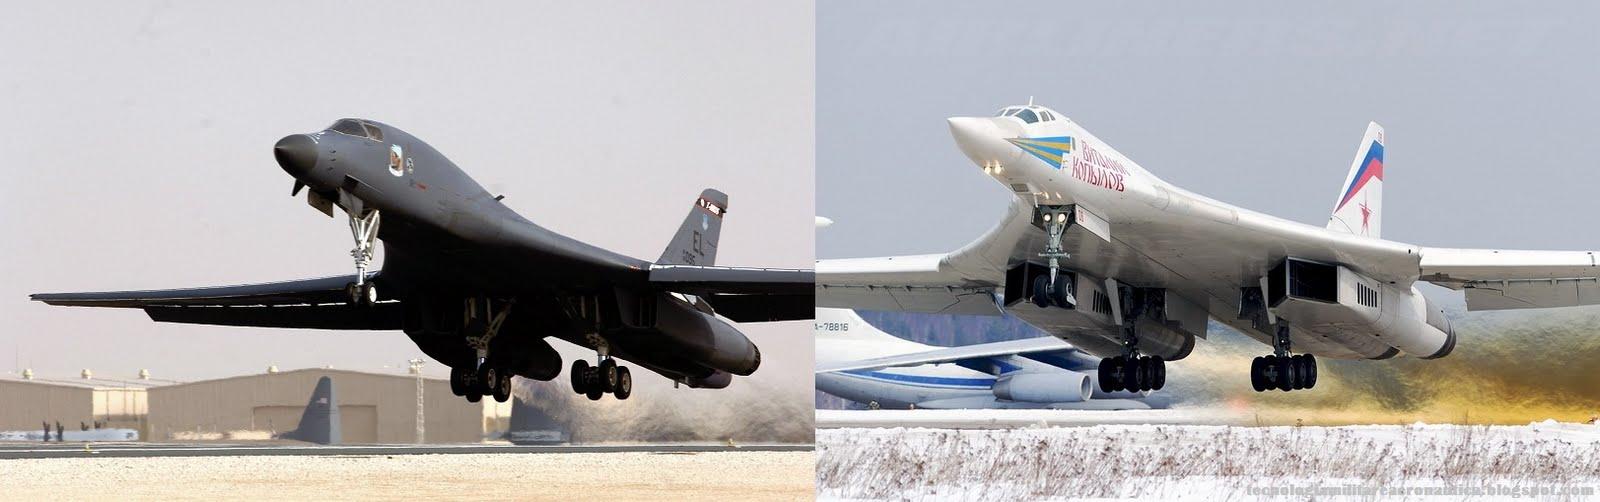 เครื่องบิน b-1 lancer vs tu-160 อันไหนสุดยอดกว่ากัน - Pantip B1 Lancer Vs Tu 160